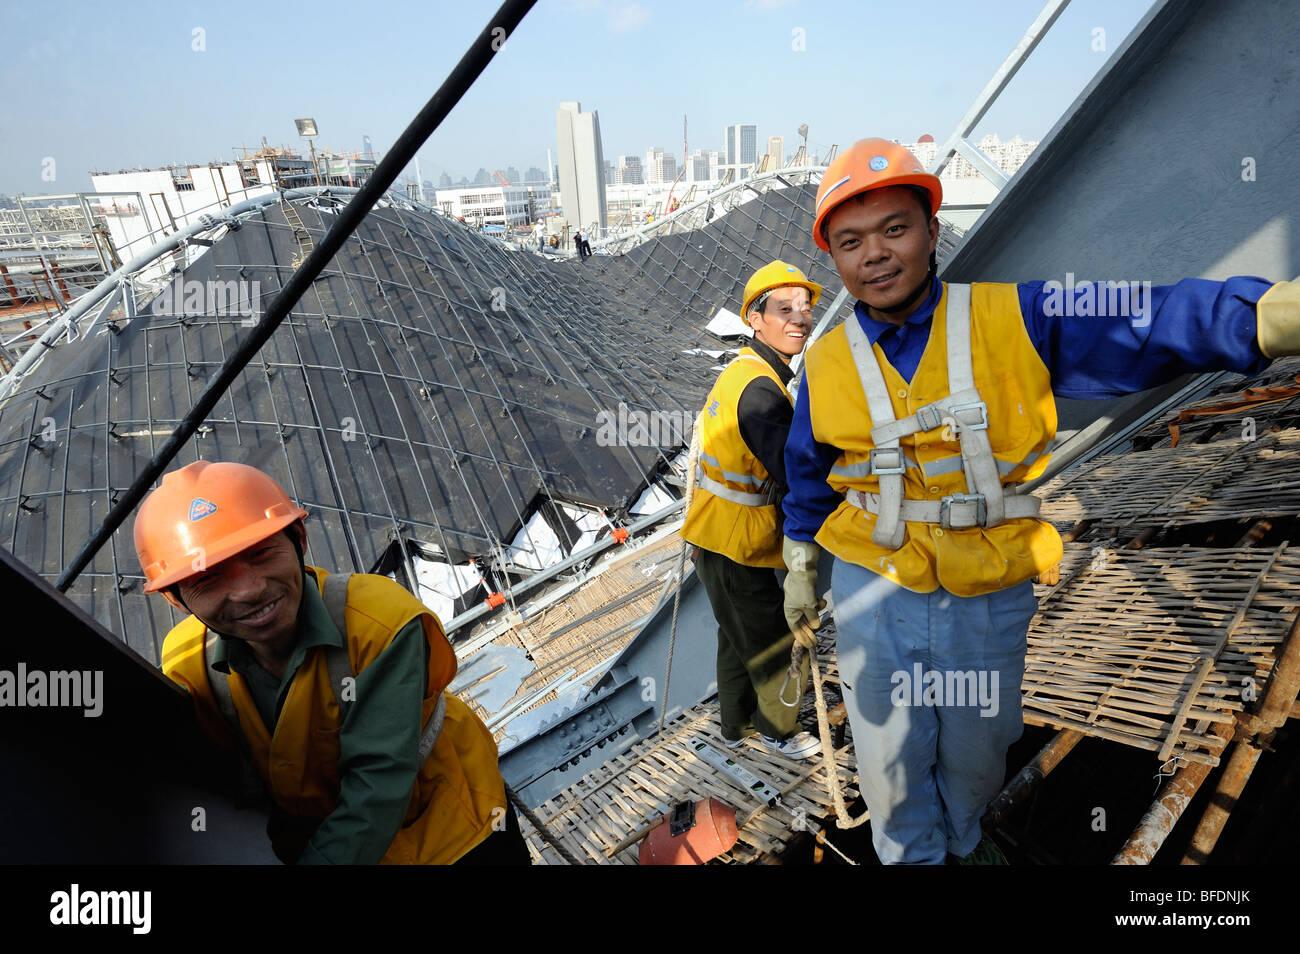 Lavoratori cinesi sul sito di costruzione del World Expo 2010 a Shanghai in Cina.15-ott-2009 Immagini Stock